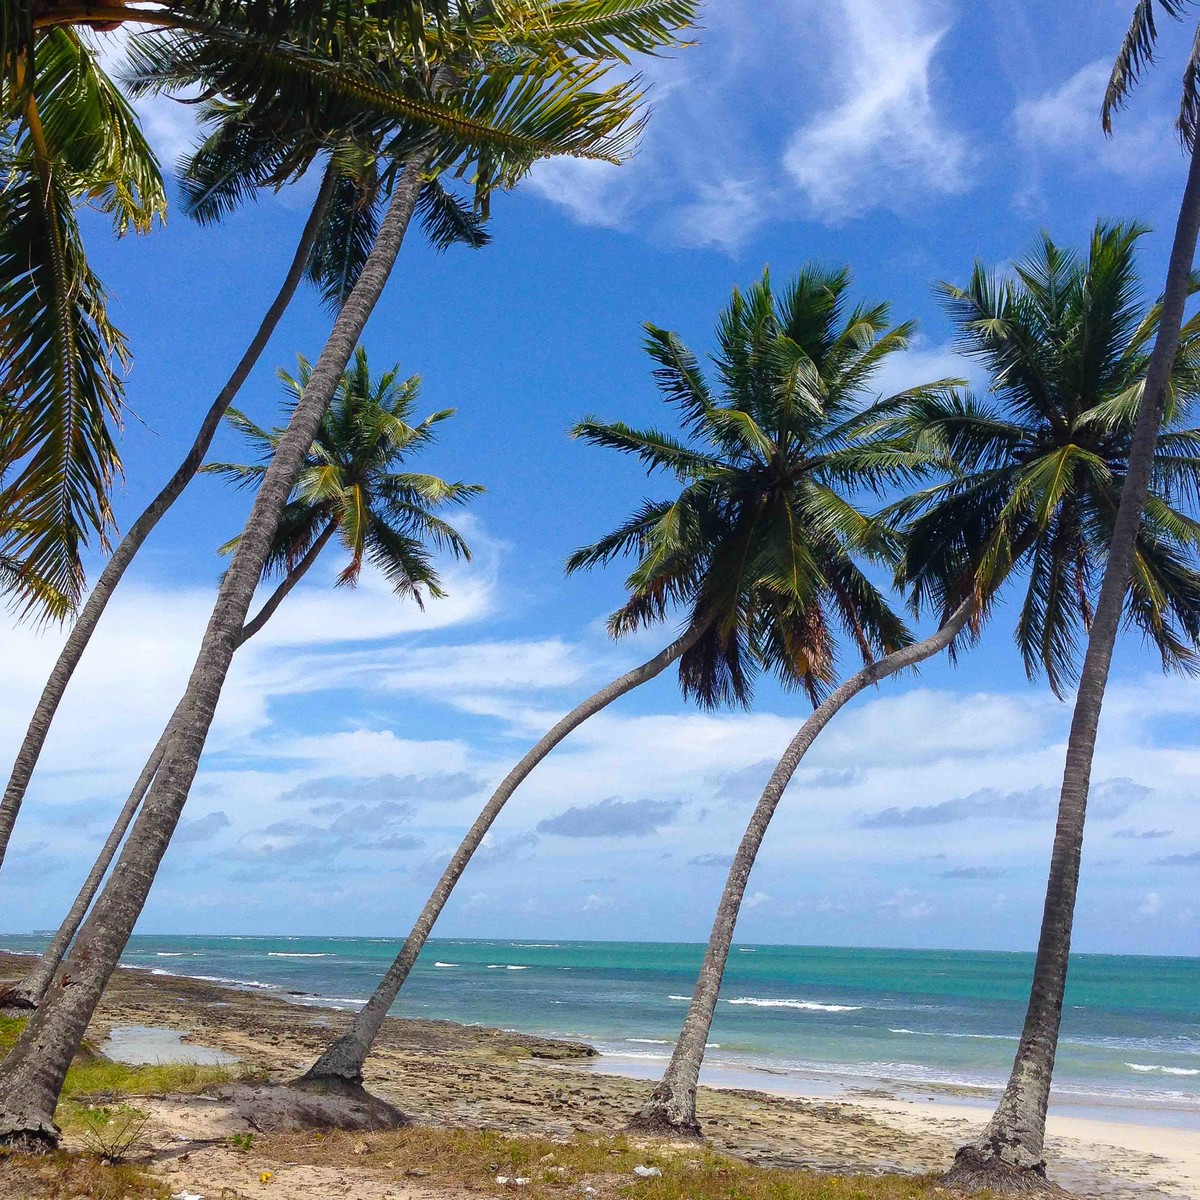 viagem, praia, mar, destination wedding, casamento, lua de mel, beto oliveira, foto, fotografo, ferias